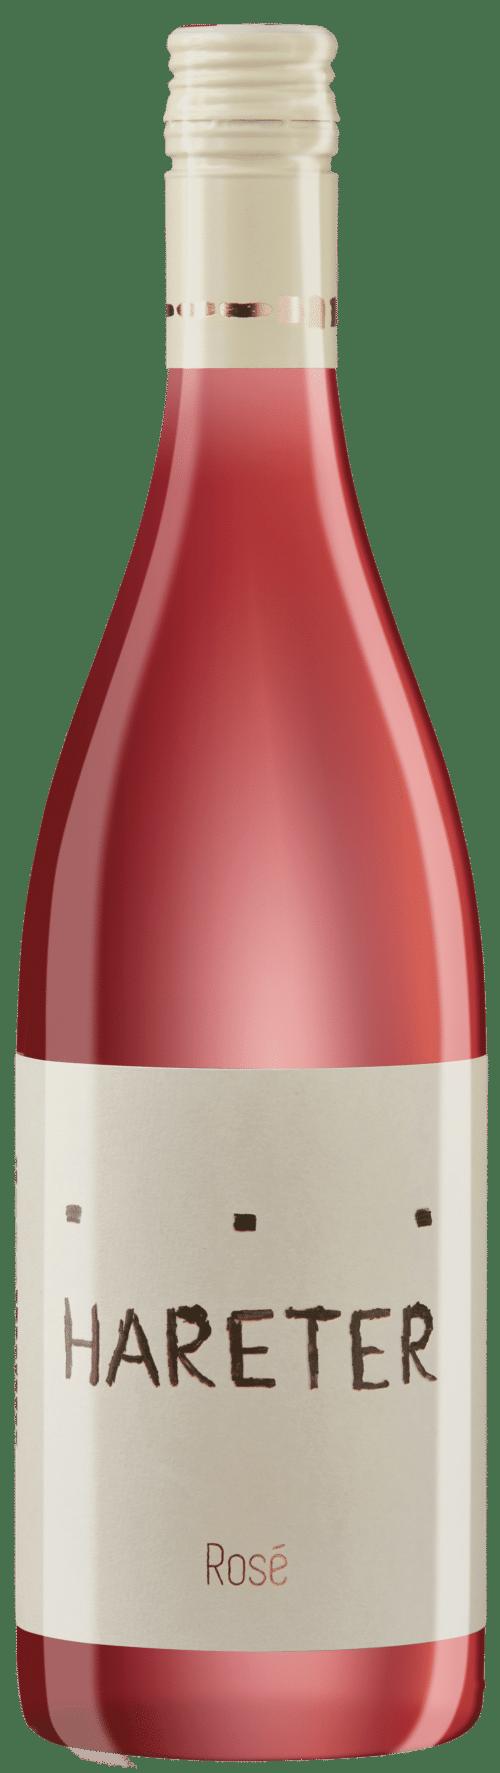 histaminfreier Wein - histamingeprüfter Wein - Weingut Hareter - Weiden am See